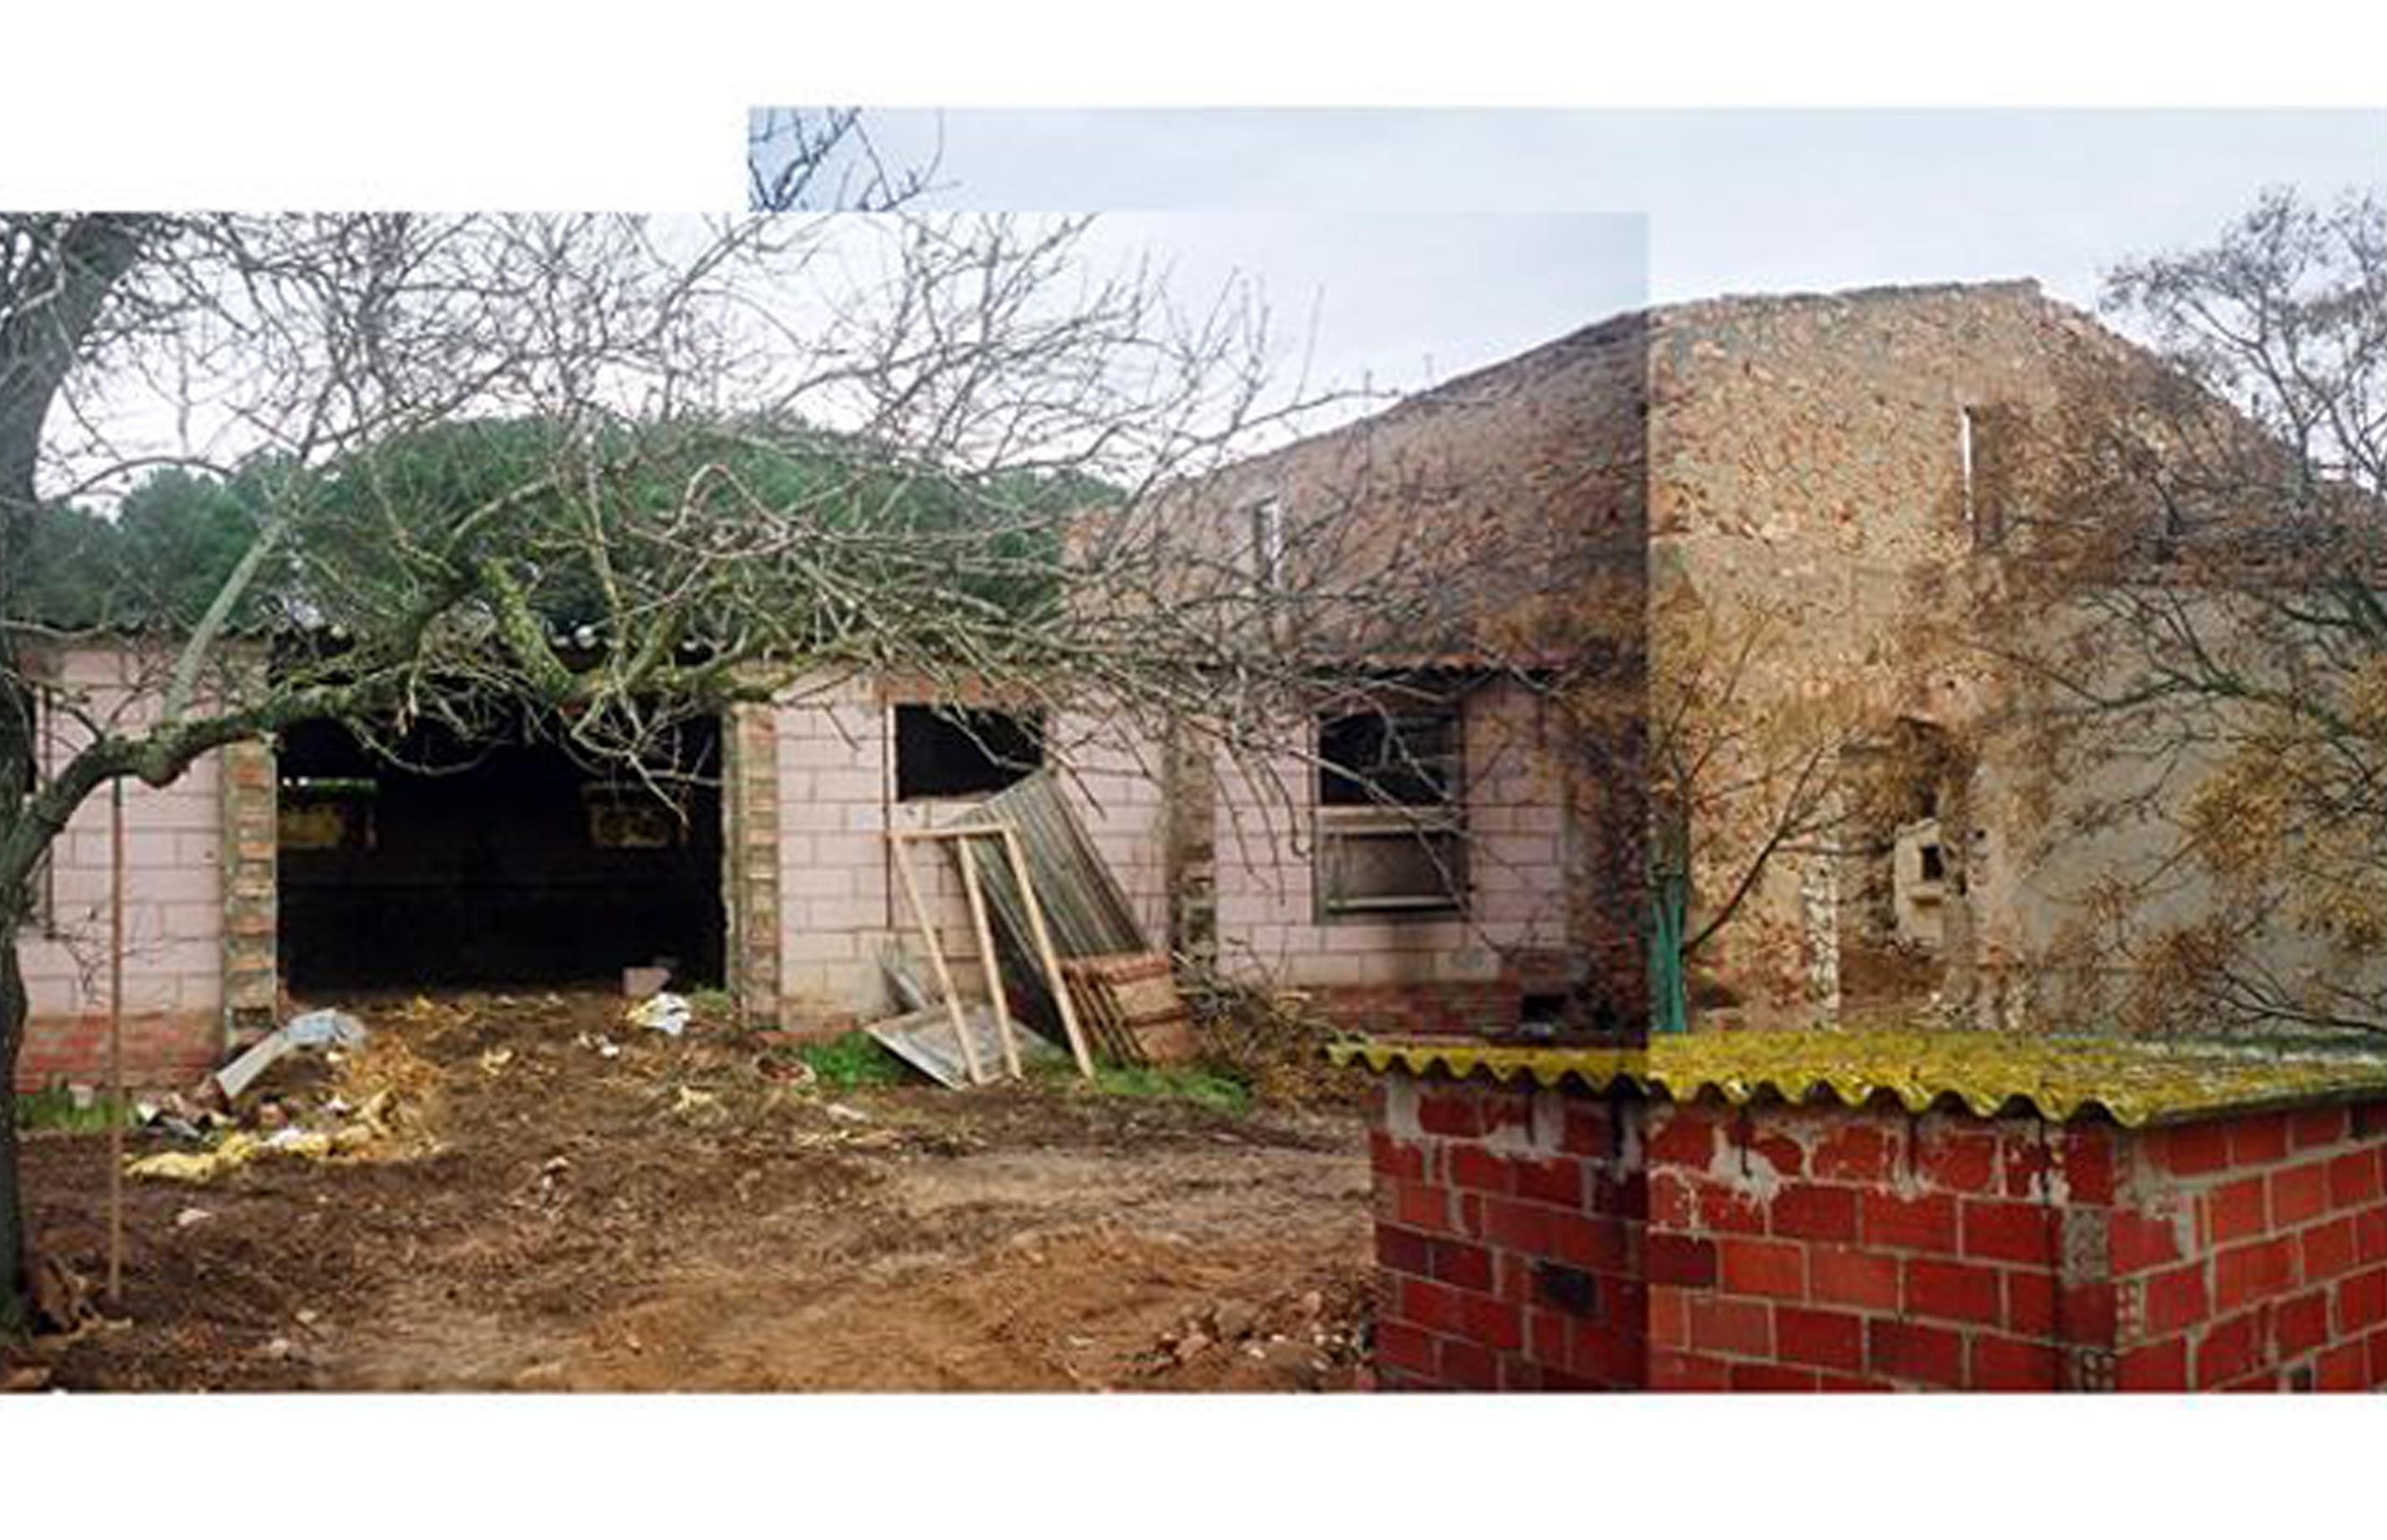 sicraa arquitectura ermedas (12)